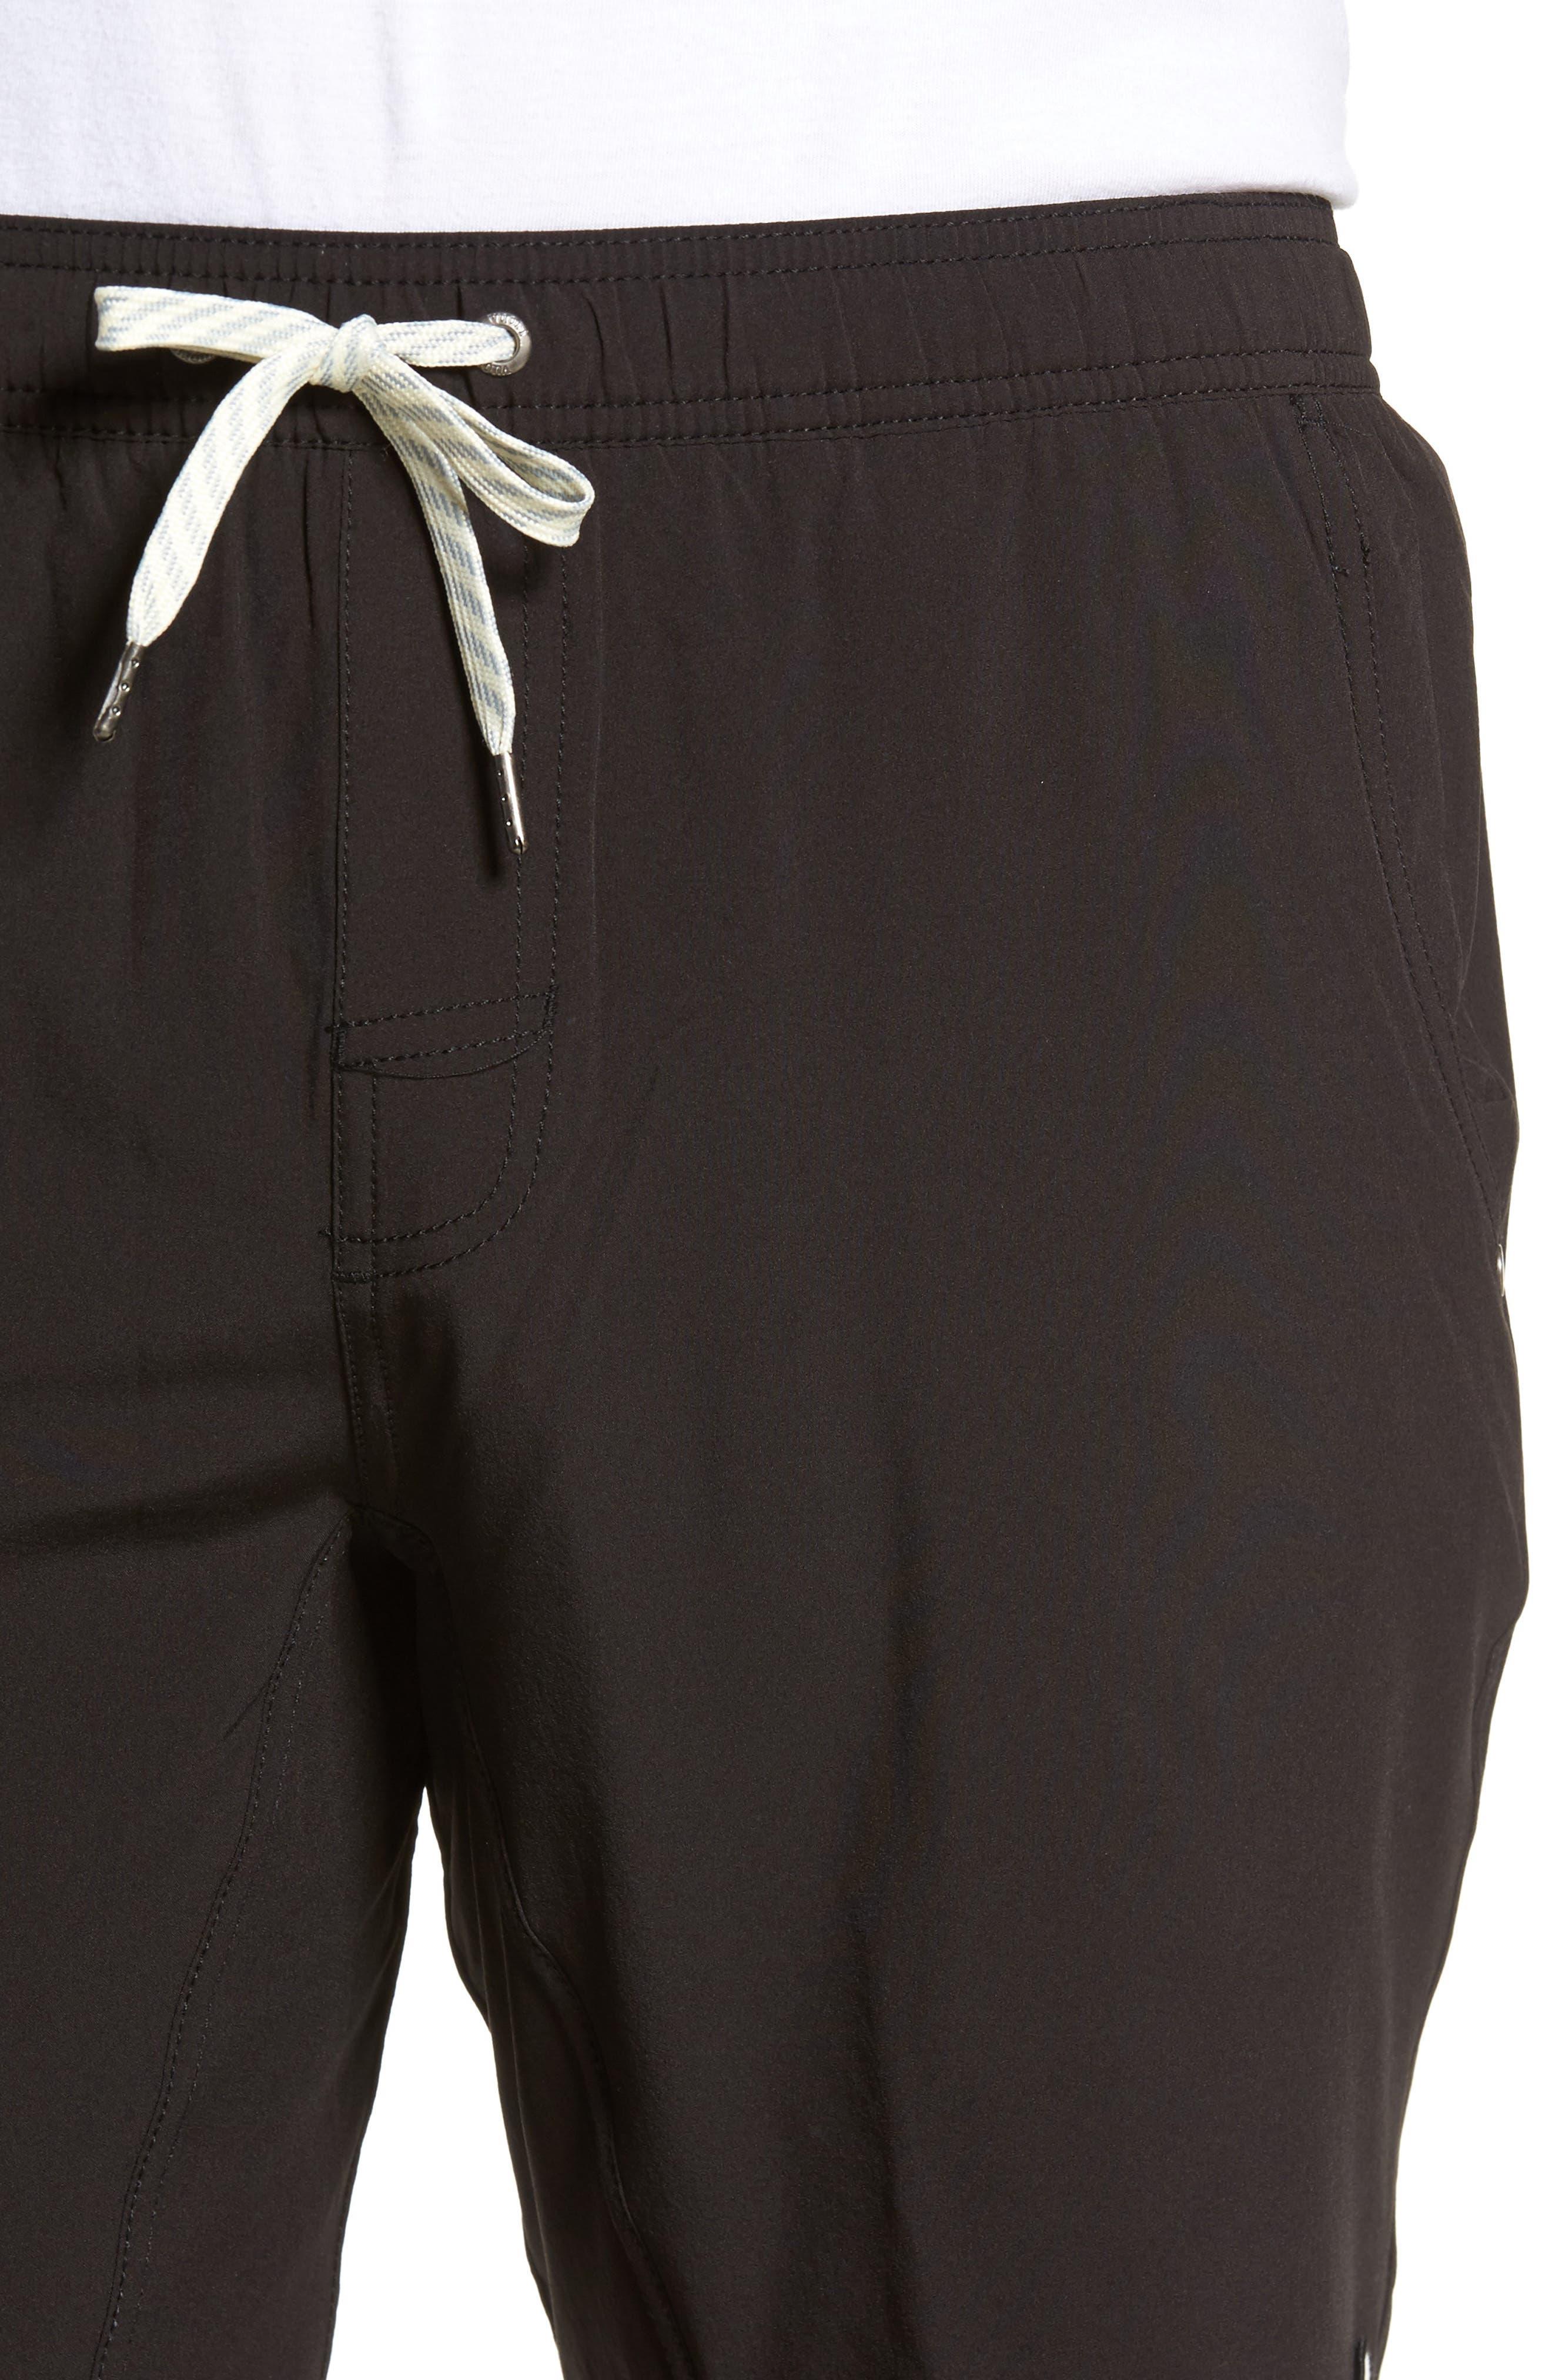 Kore Shorts,                             Alternate thumbnail 4, color,                             001